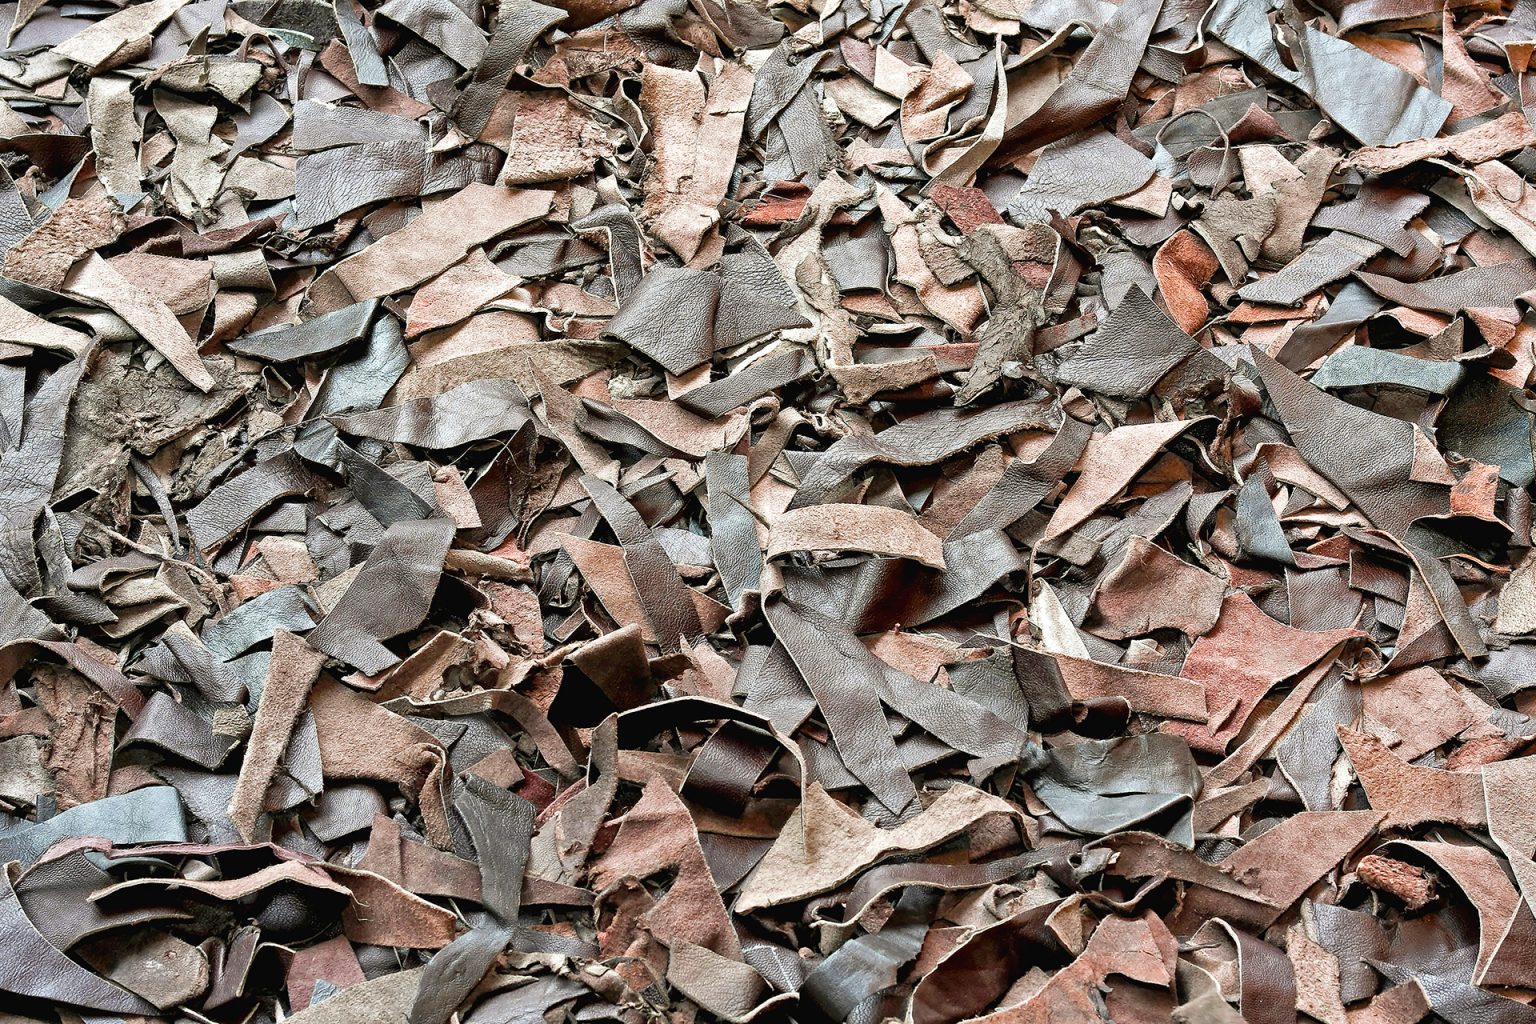 Bio-Reciclados - Restos de las producciones de cuero.